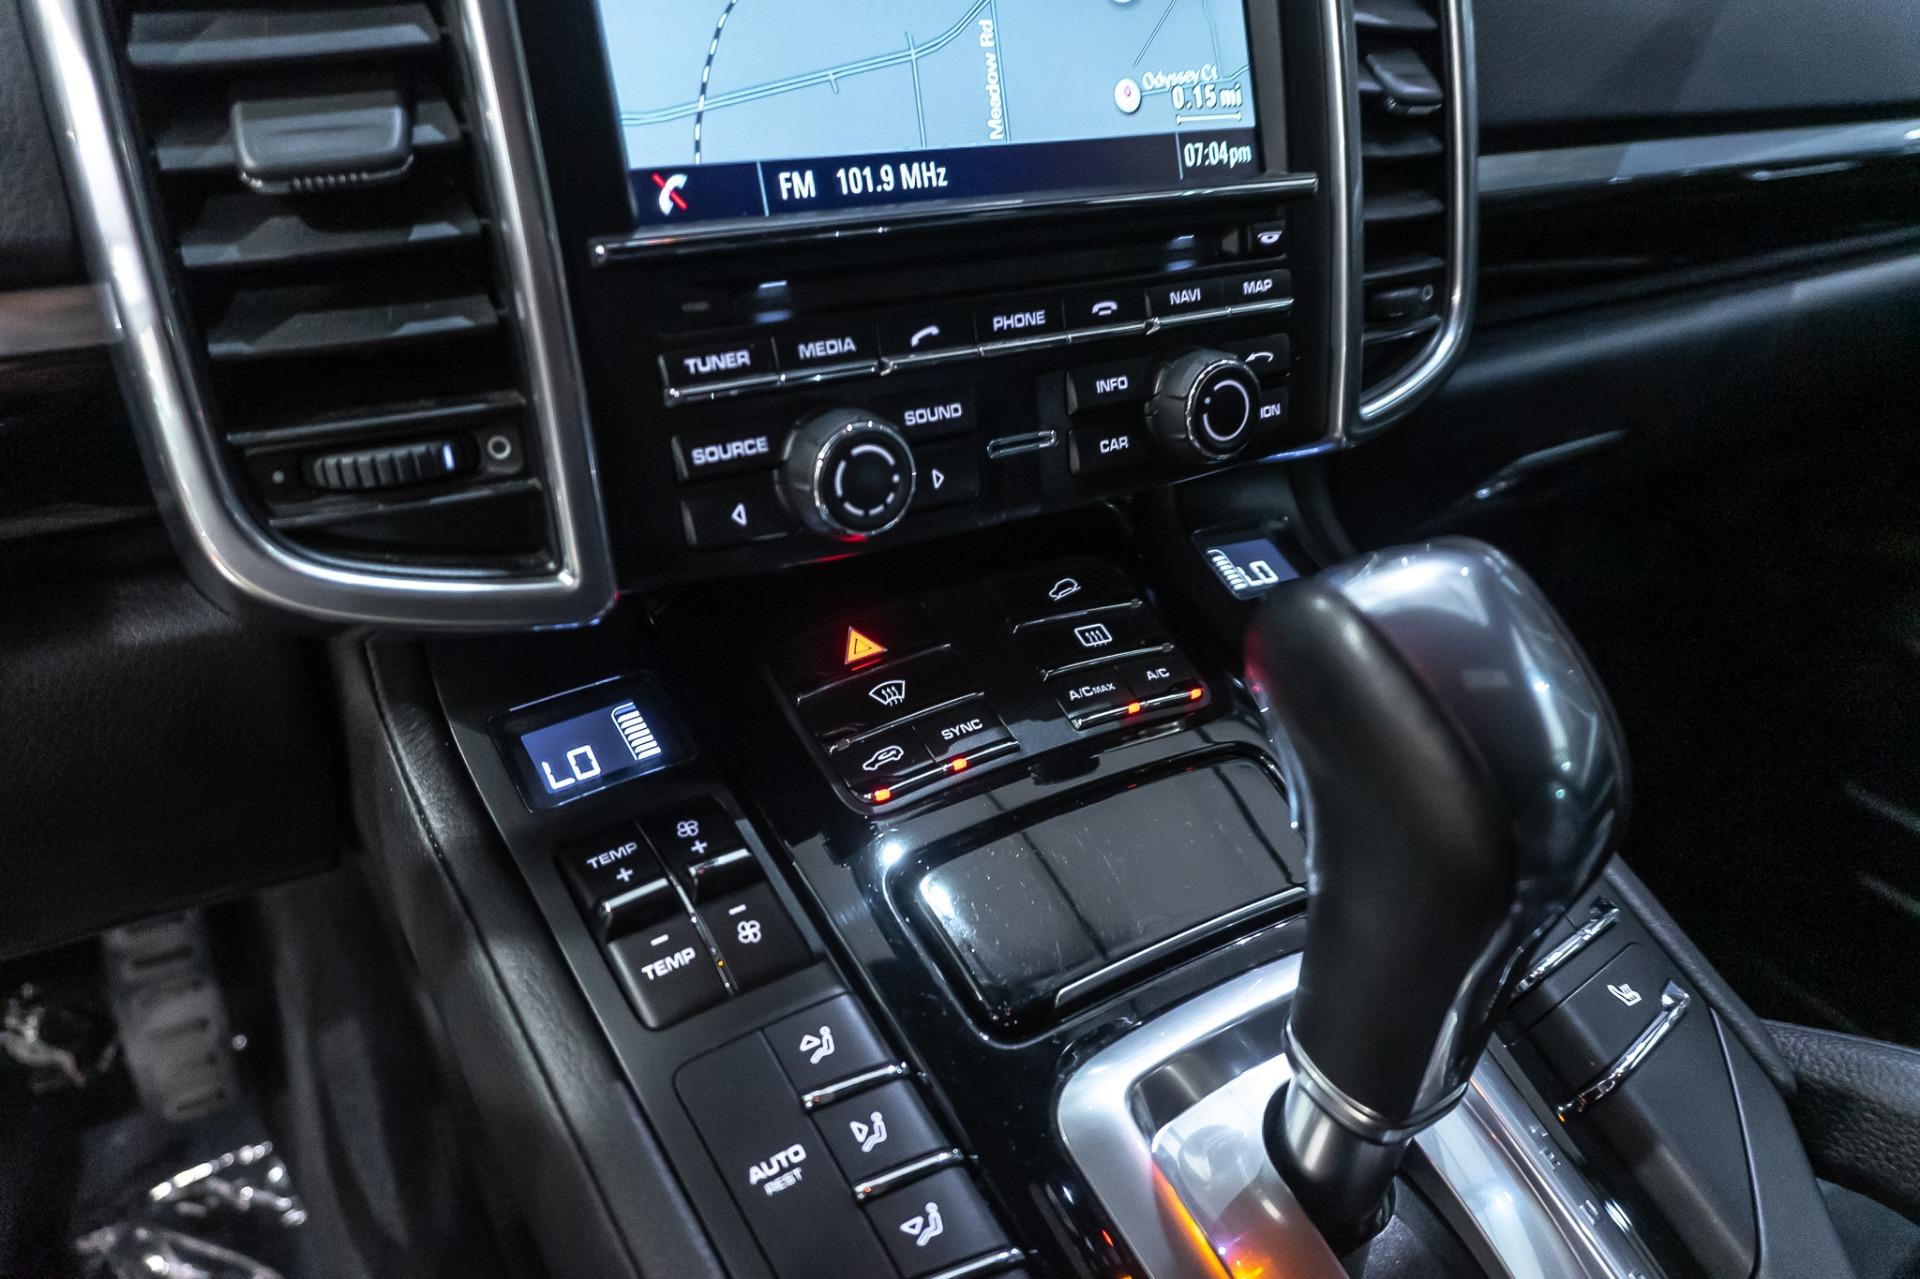 Used-2016-Porsche-Cayenne-SUV-PORSCHE-ACTIVE-SUSPENSION-MANAGEMENT